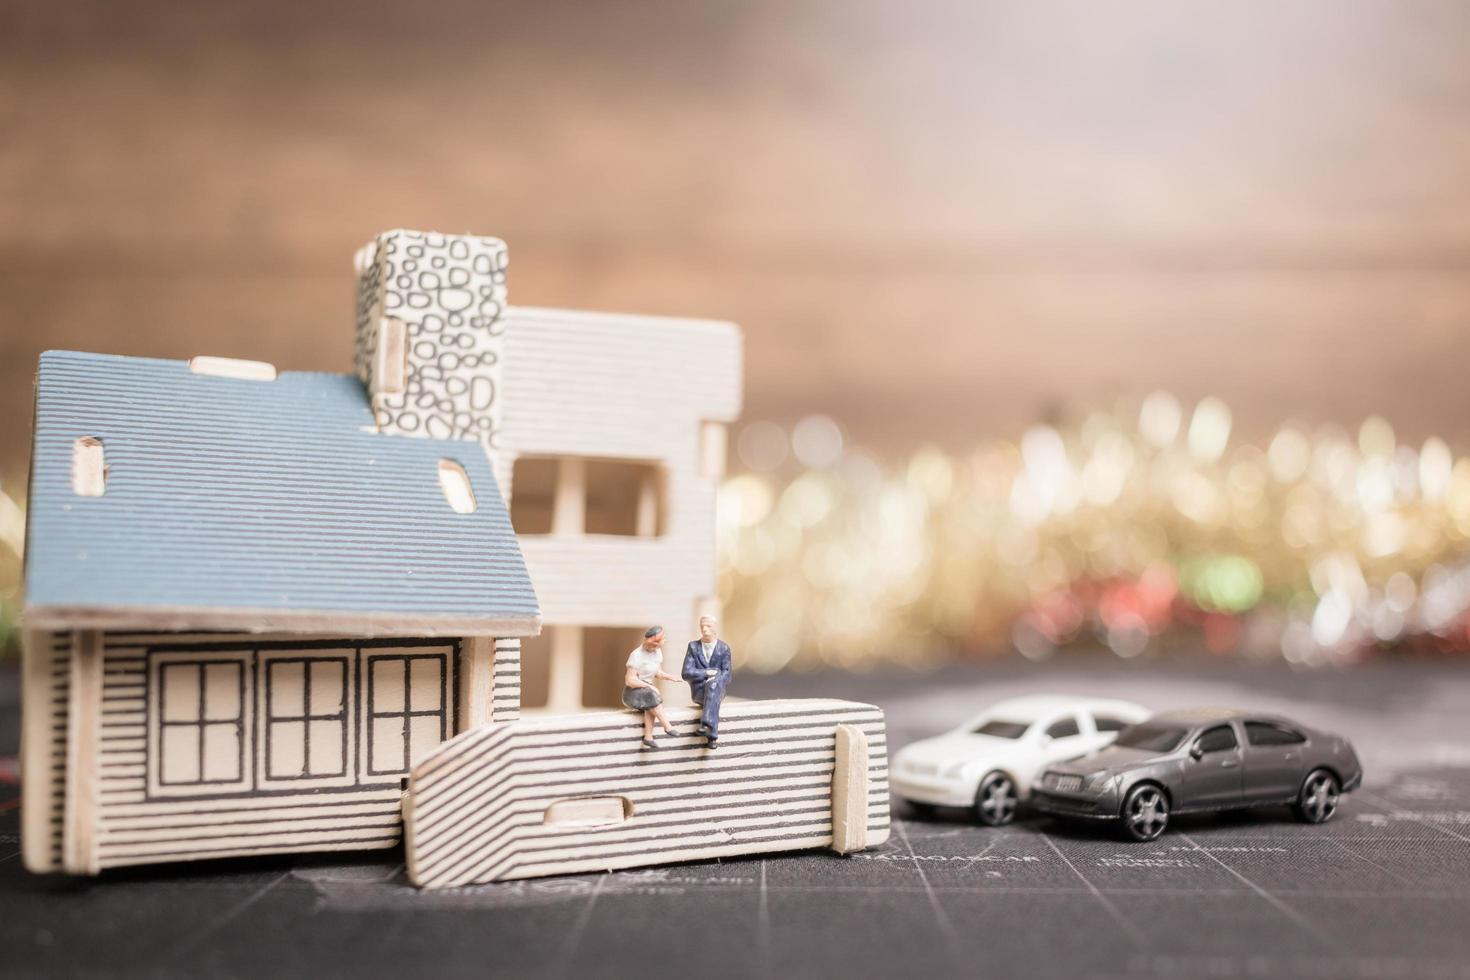 Gente en miniatura sentada en casa, inversión y crecimiento en concepto de negocio foto